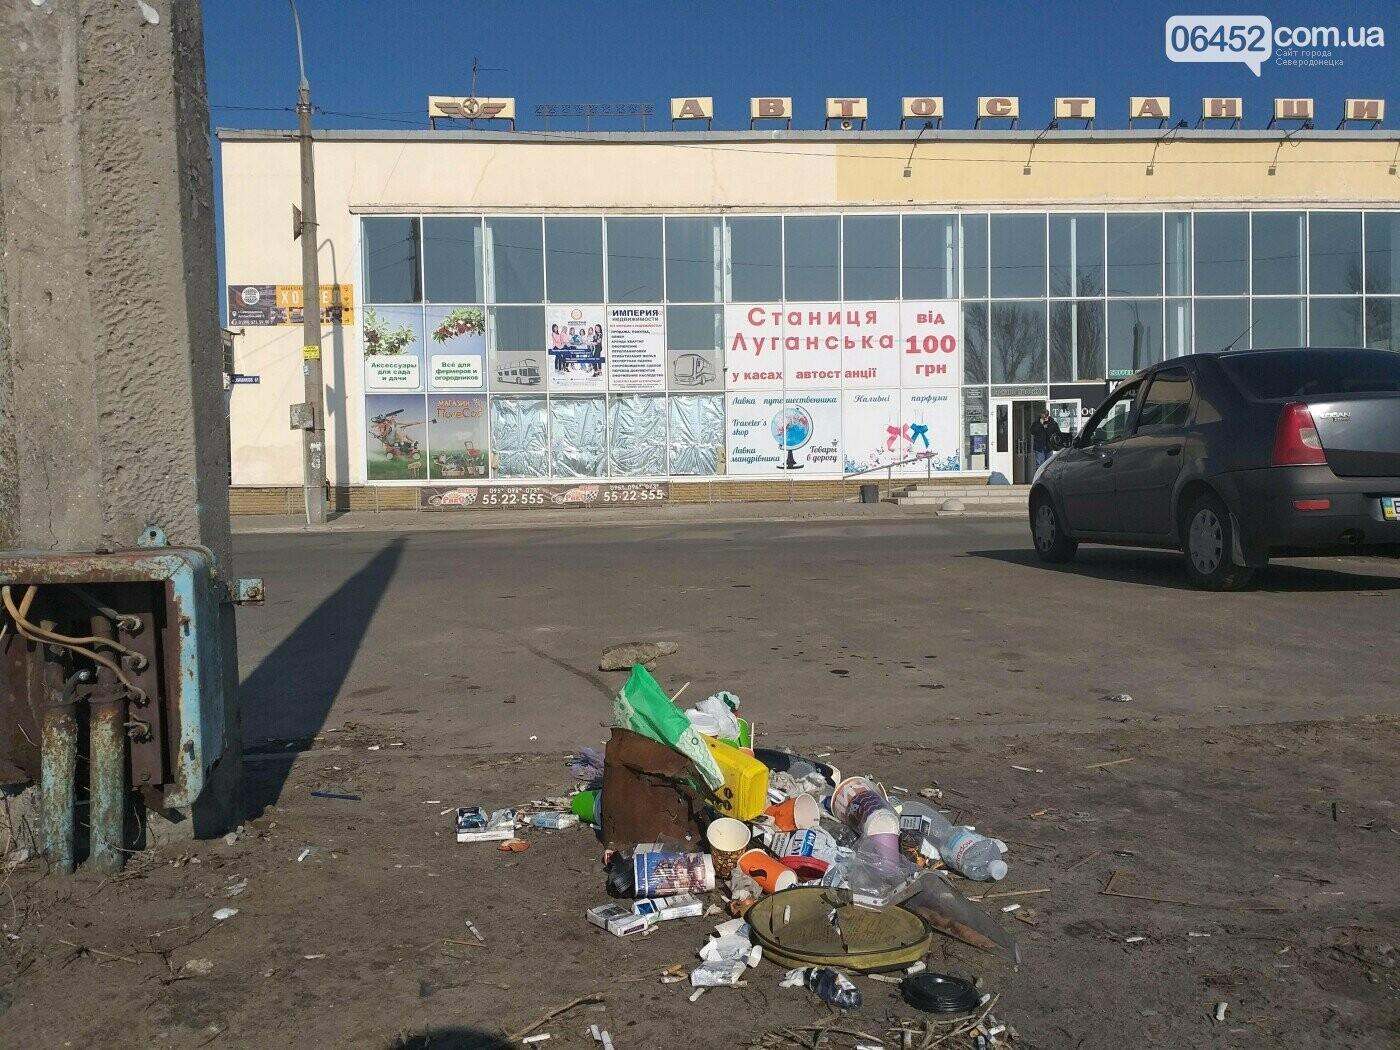 Жить по-европейски: как сделать Северодонецк культурным не тратя денег, фото-3